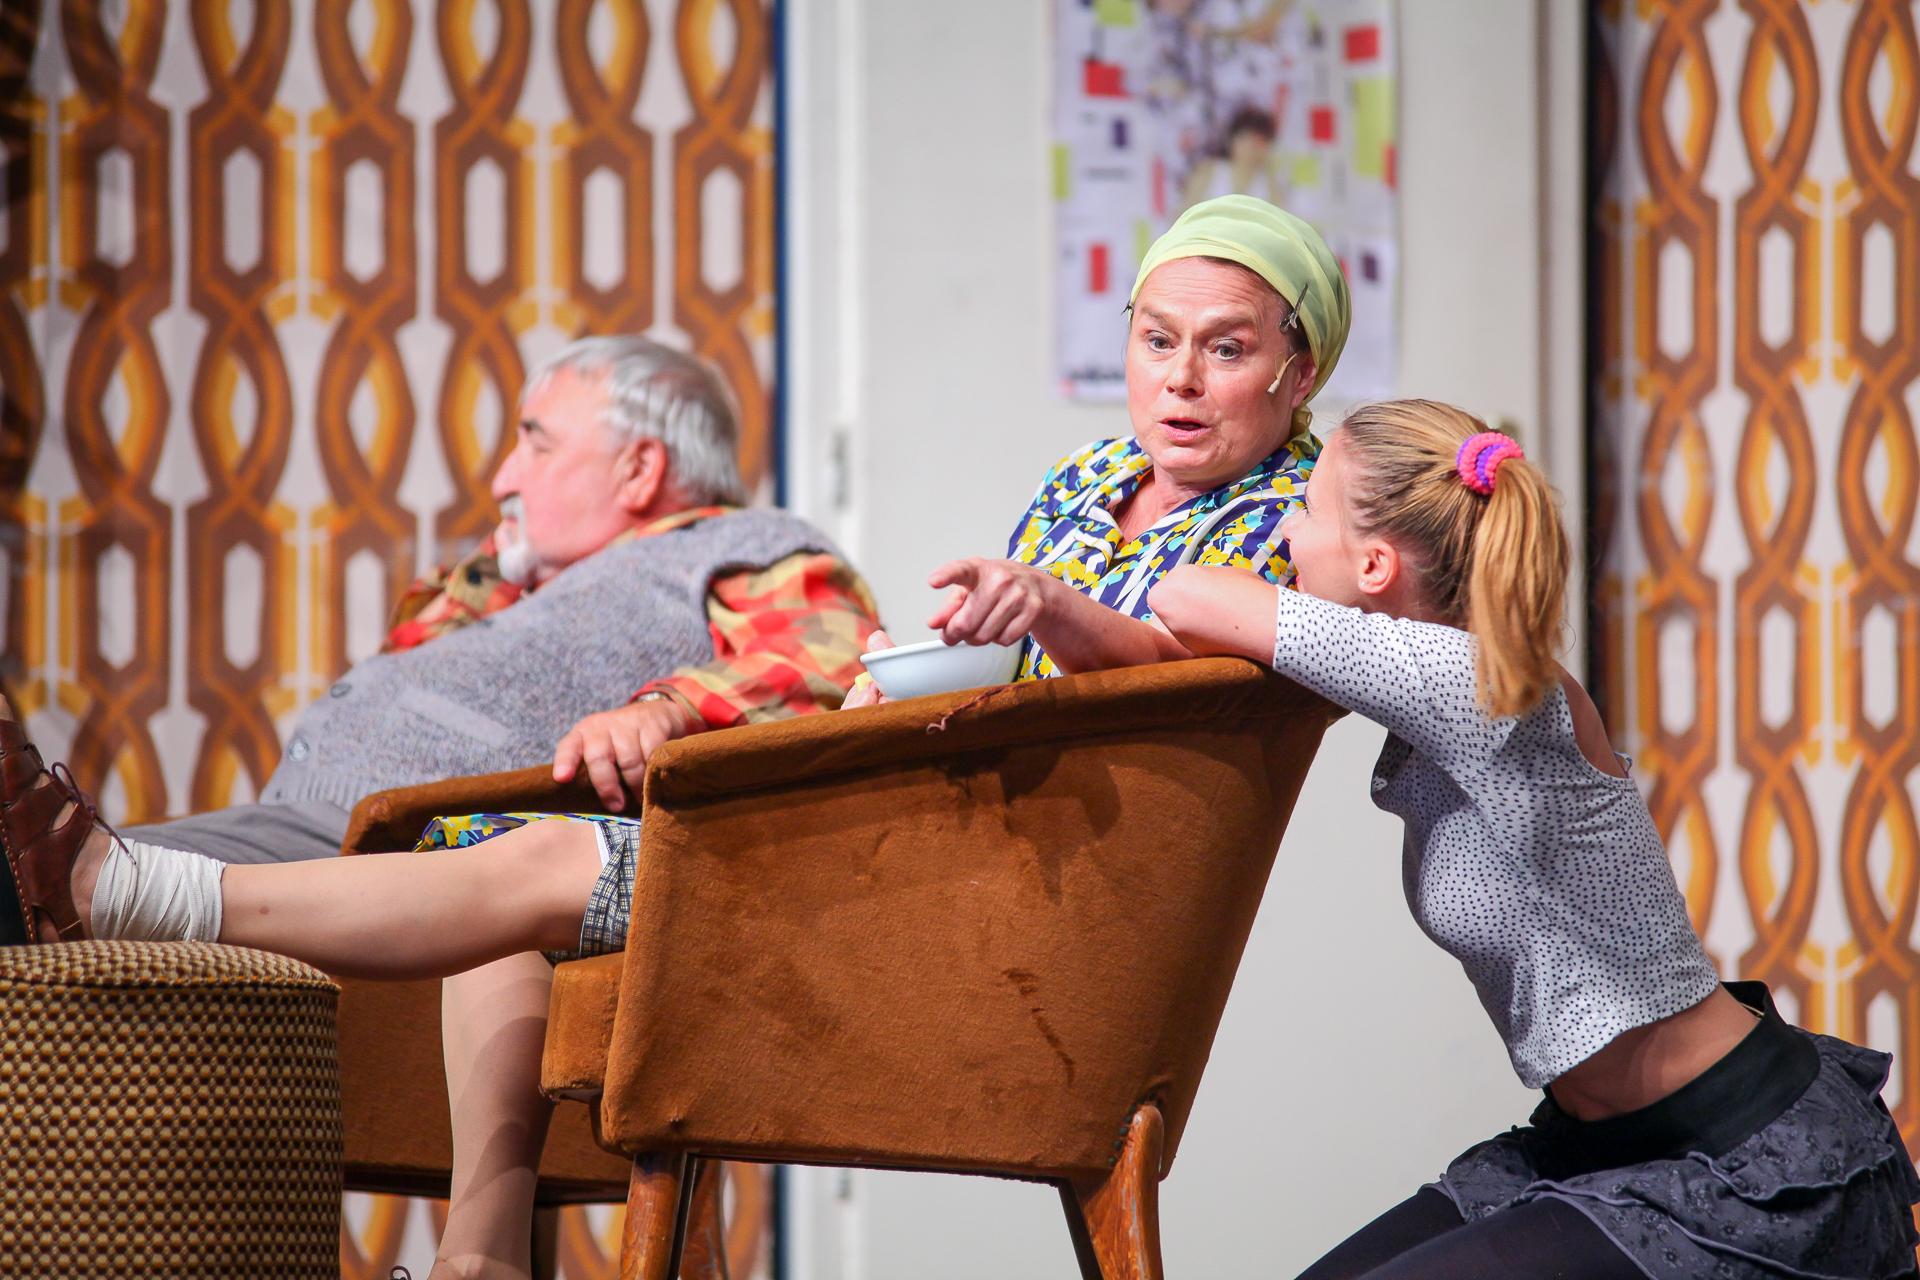 http://kolorline.hu/5. Kolorfesztivál – Színházi előadás és sportvetélkedő